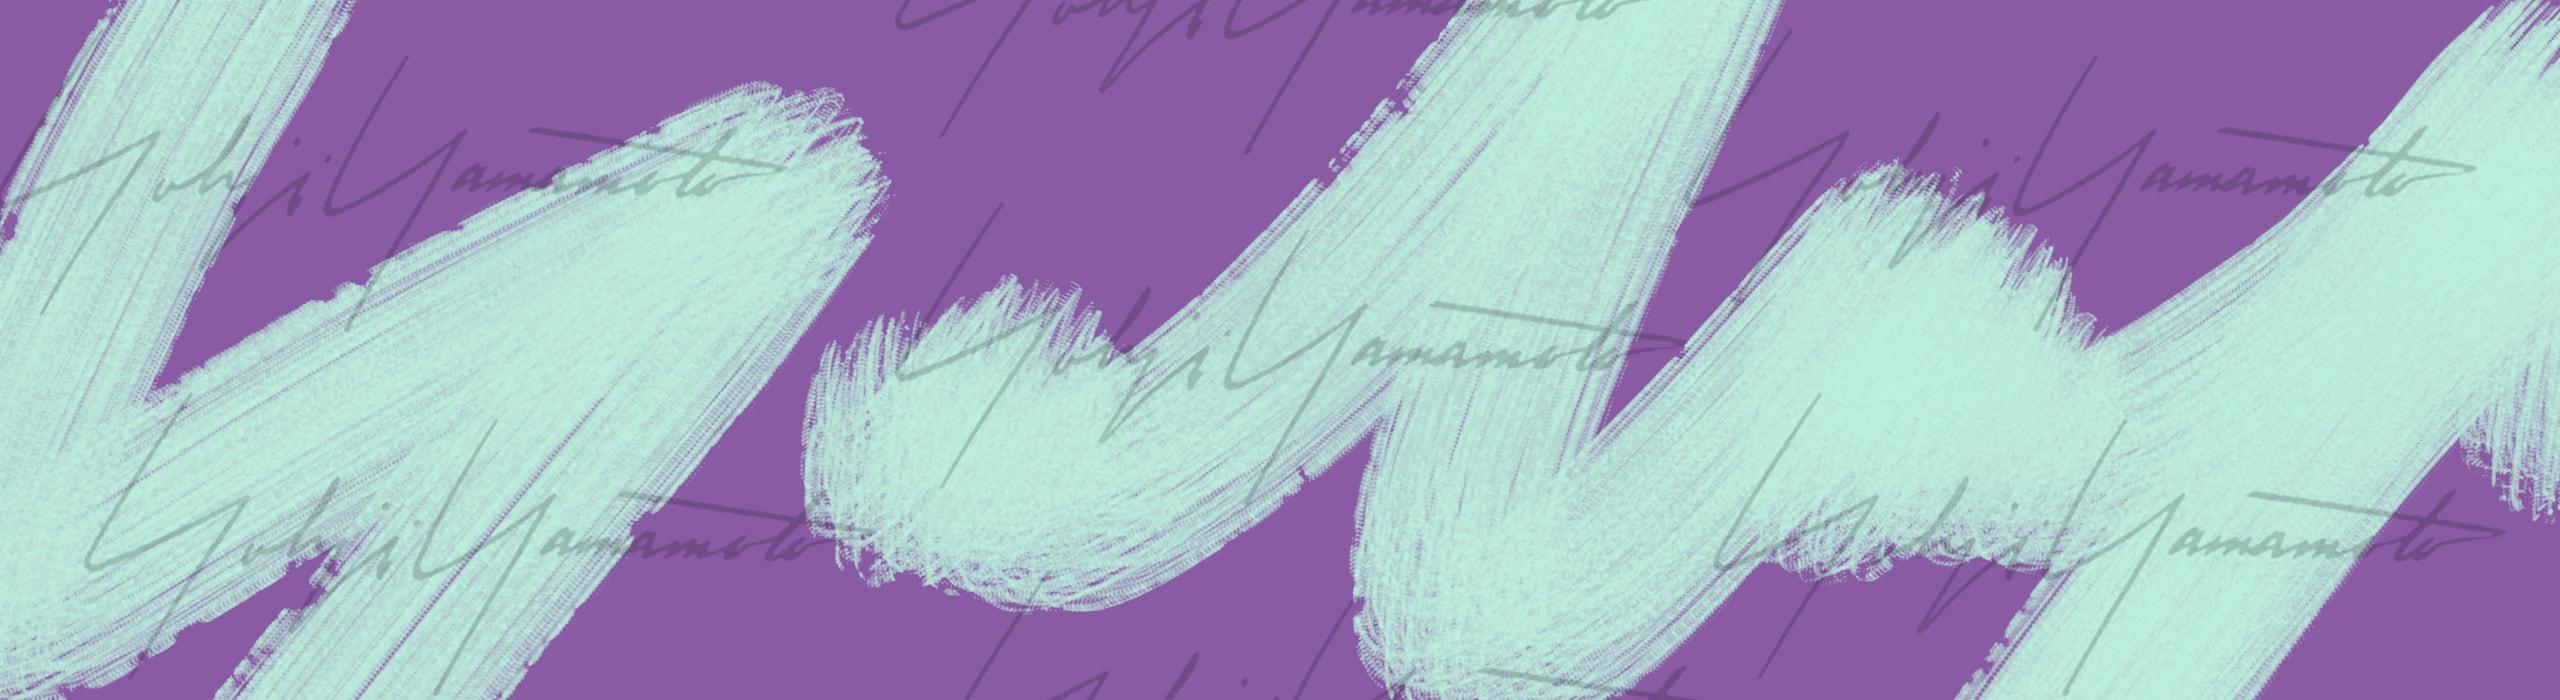 Yohji Yamamoto - natie-yohji-yamamoto-logo - Natie Branding Agency